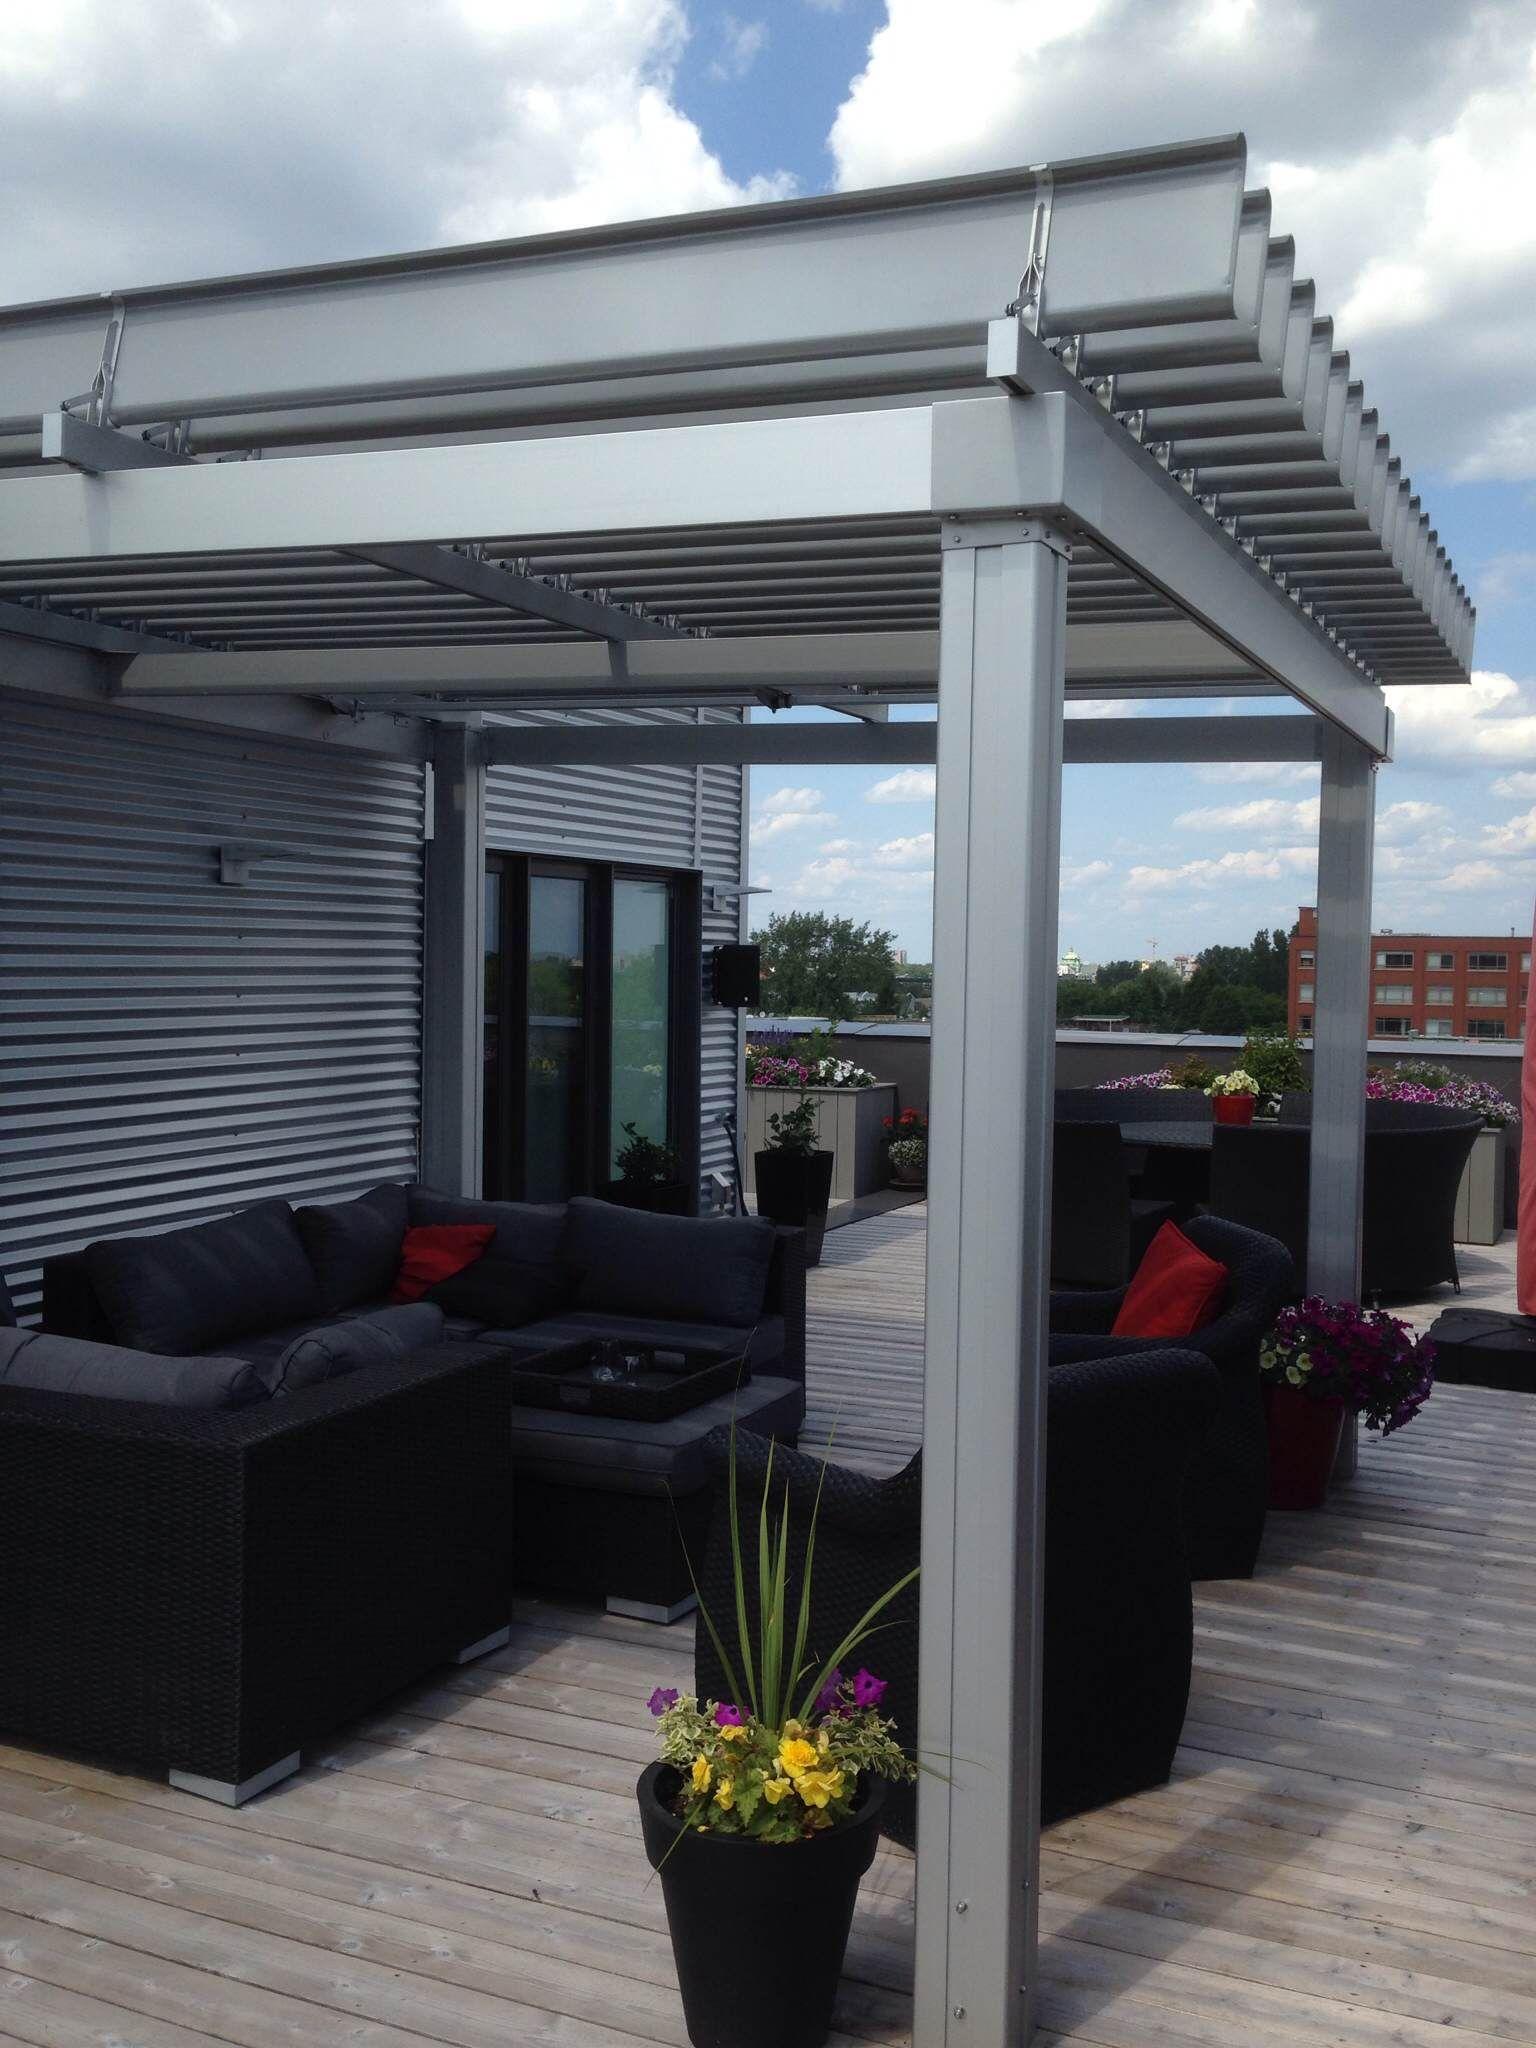 Magnifique Sunlouvre Pergolas Sur Toit Terrasse #Pergola #Pergolas #Aluminium #Aluminum #